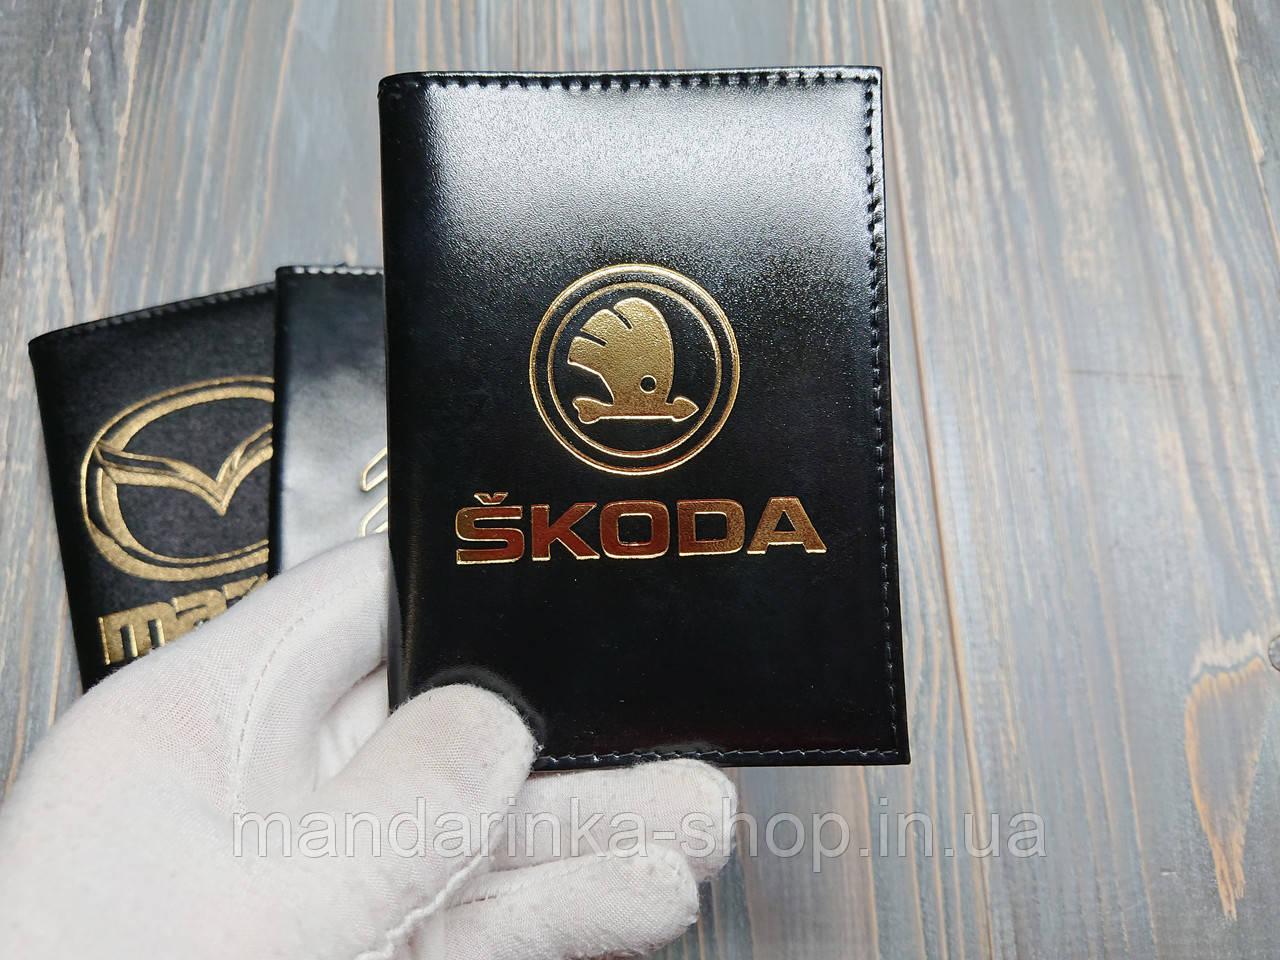 Шкіряна обкладинка для автодокументів з логотипом Skoda